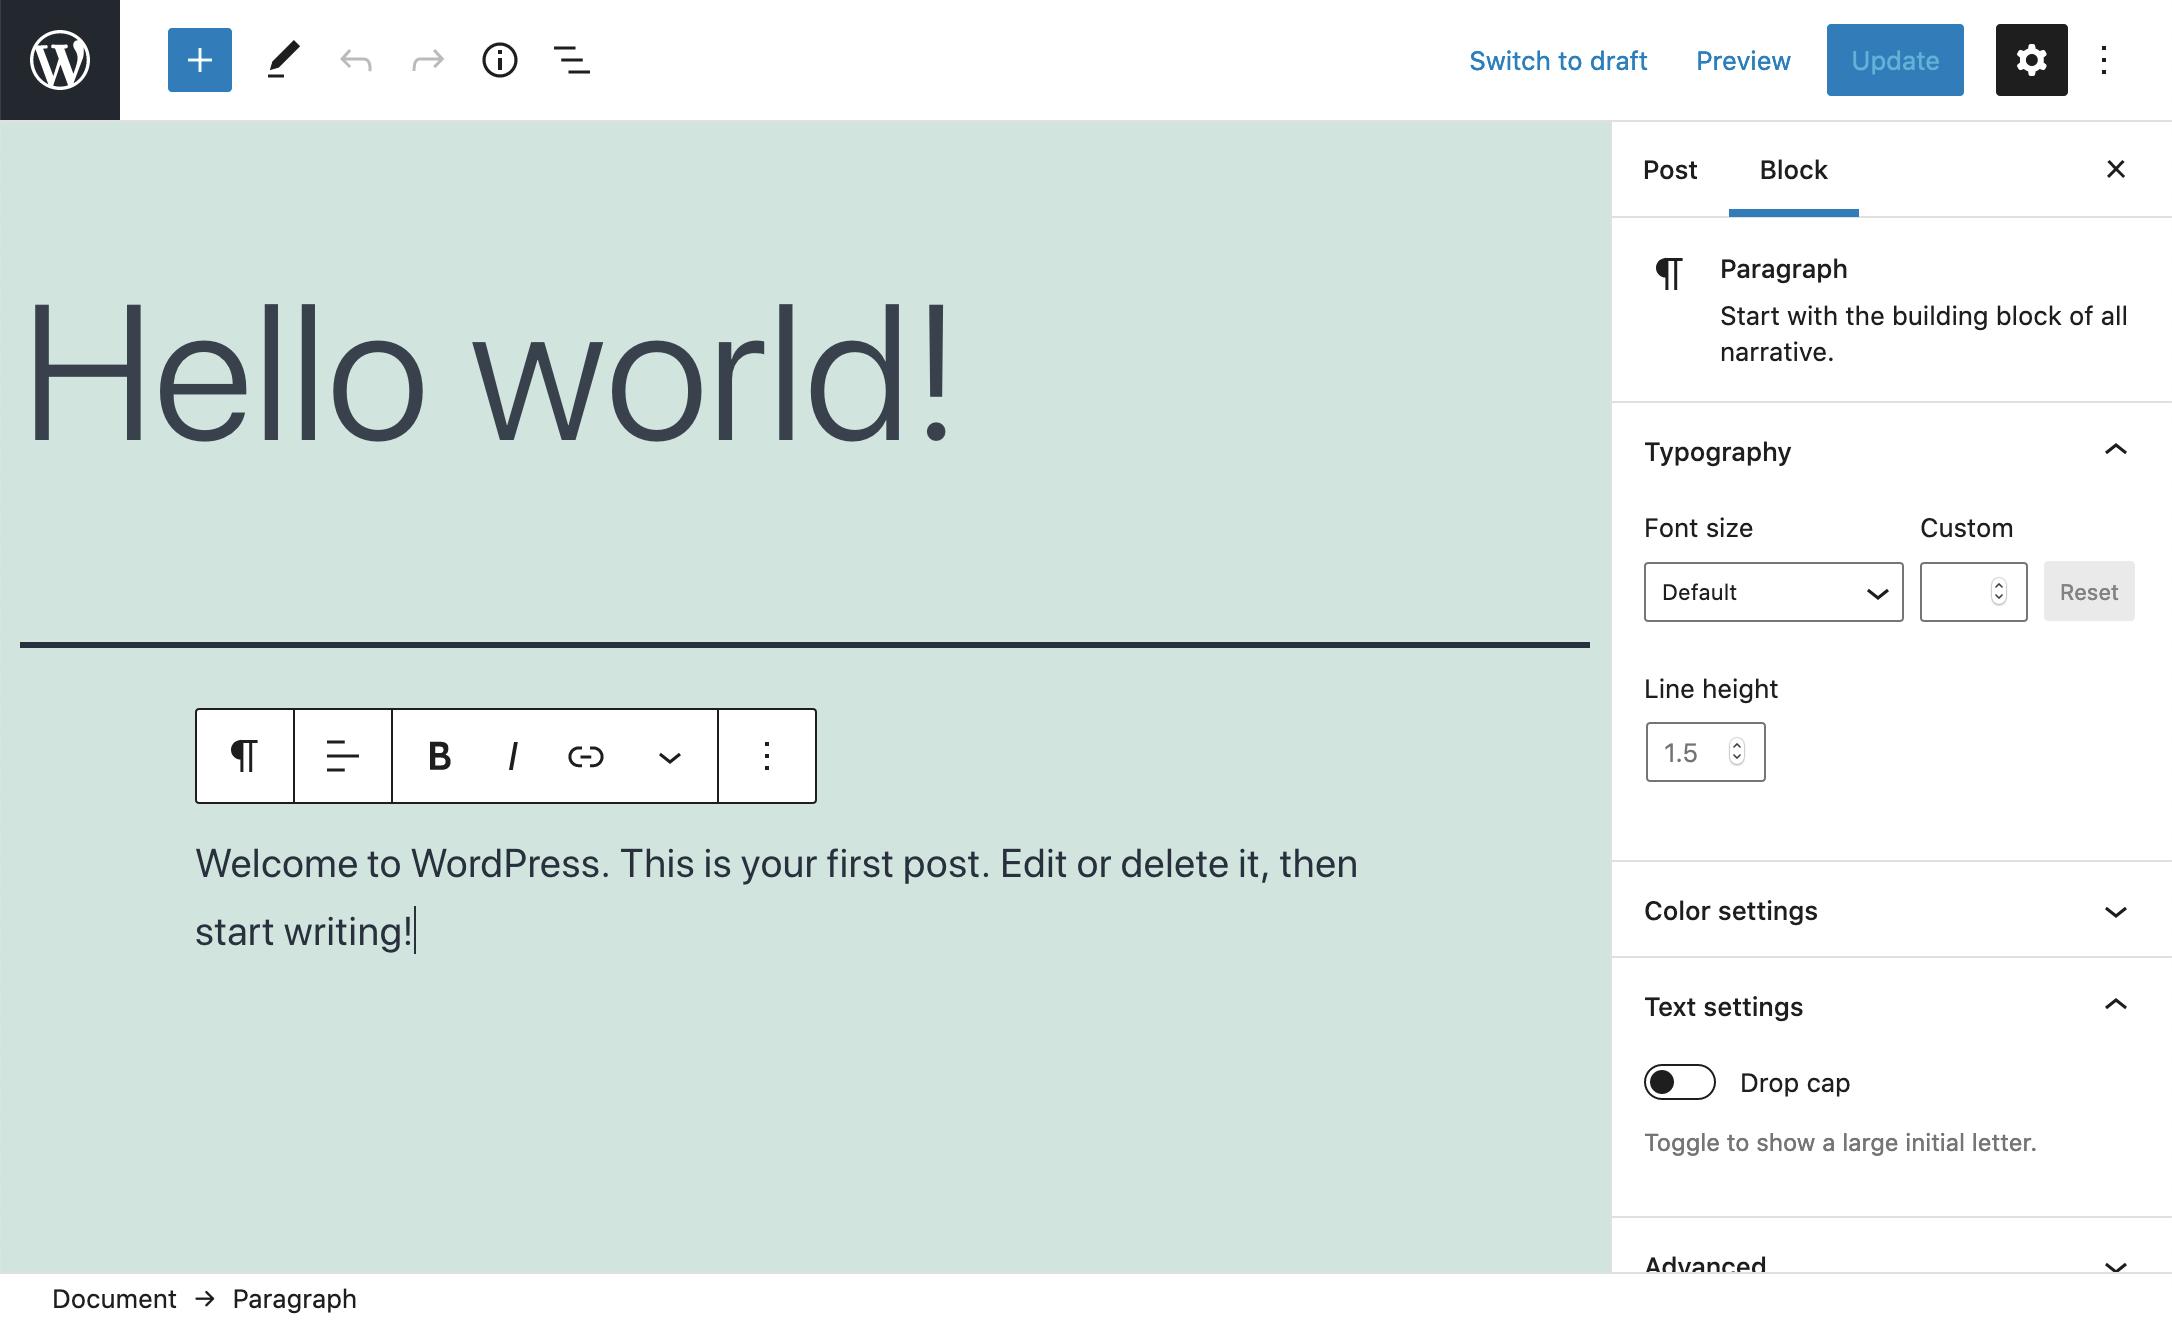 Screenshot of the block editor in WordPress 5.6.